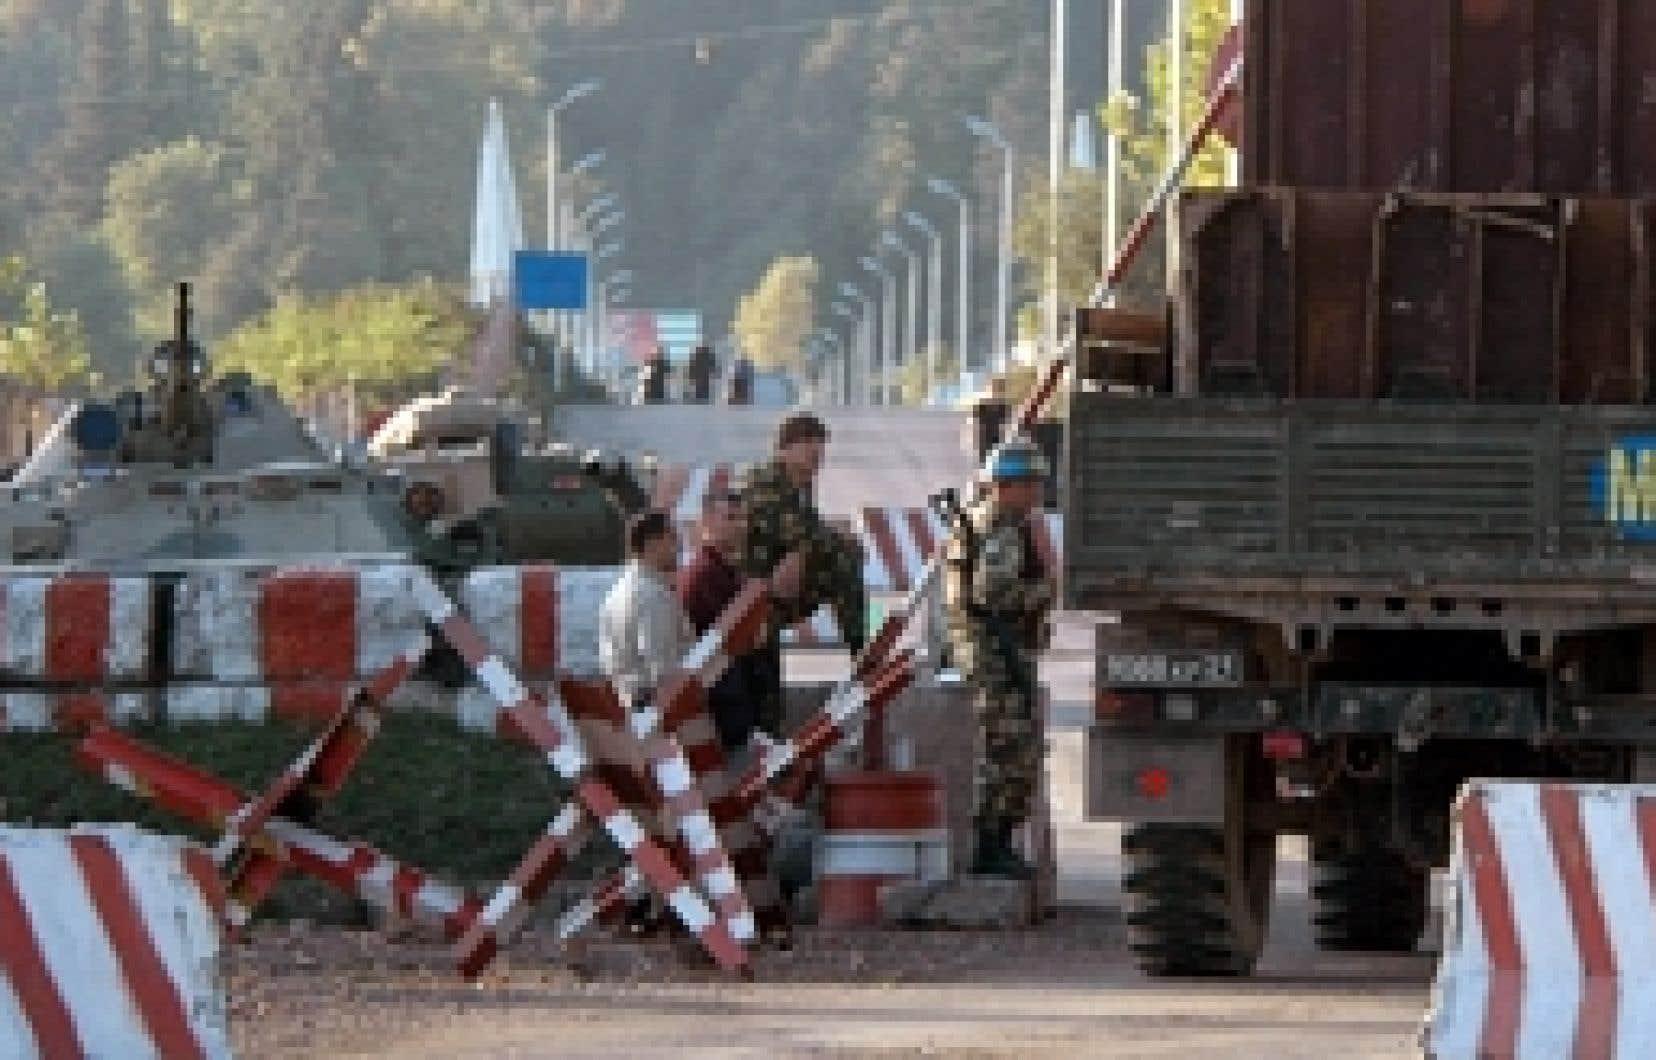 Un poste de contrôle tenu par les Russes à la frontière entre la Géorgie et l'Abkhazie, hier. Le poste de contrôle d'Ali, situé dans le village de Nabakhtevi (centre), a été démantelé hier matin, sous le contrôle des observateurs européen